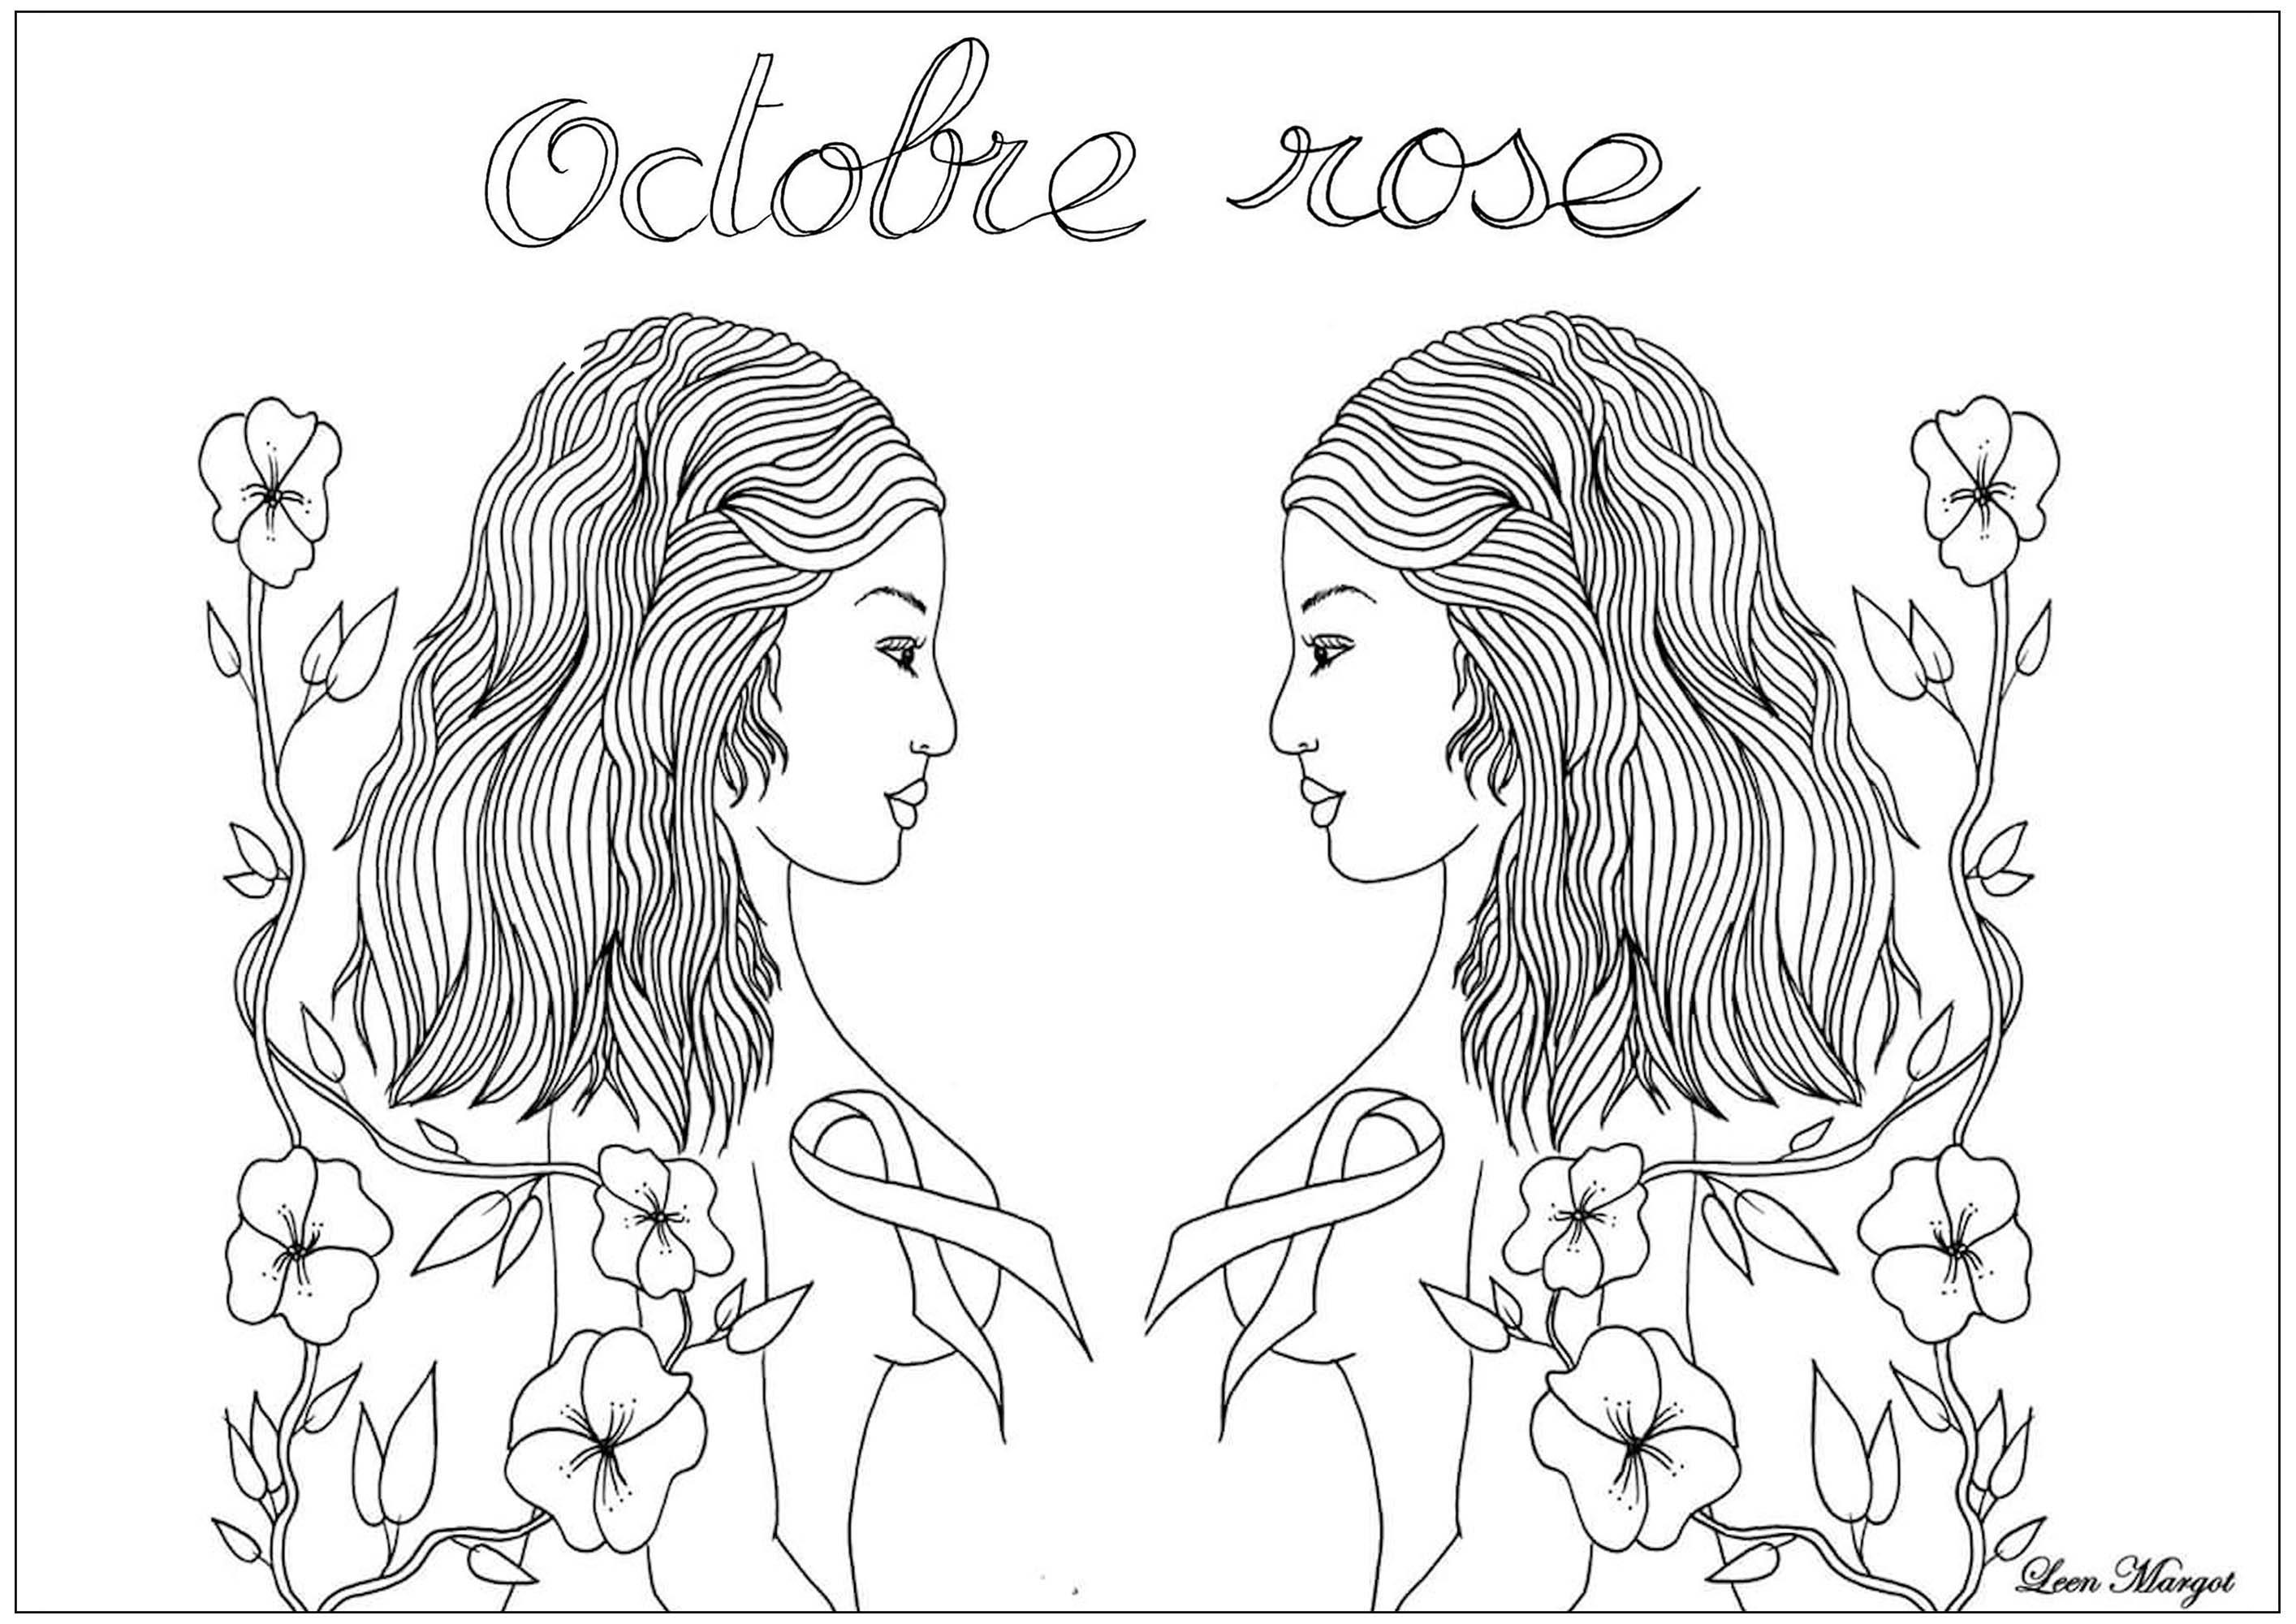 Coloriage exclusif créé pour Octobre rose : Mois de sensibilisation au dépistage du cancer du sein (Version 2)